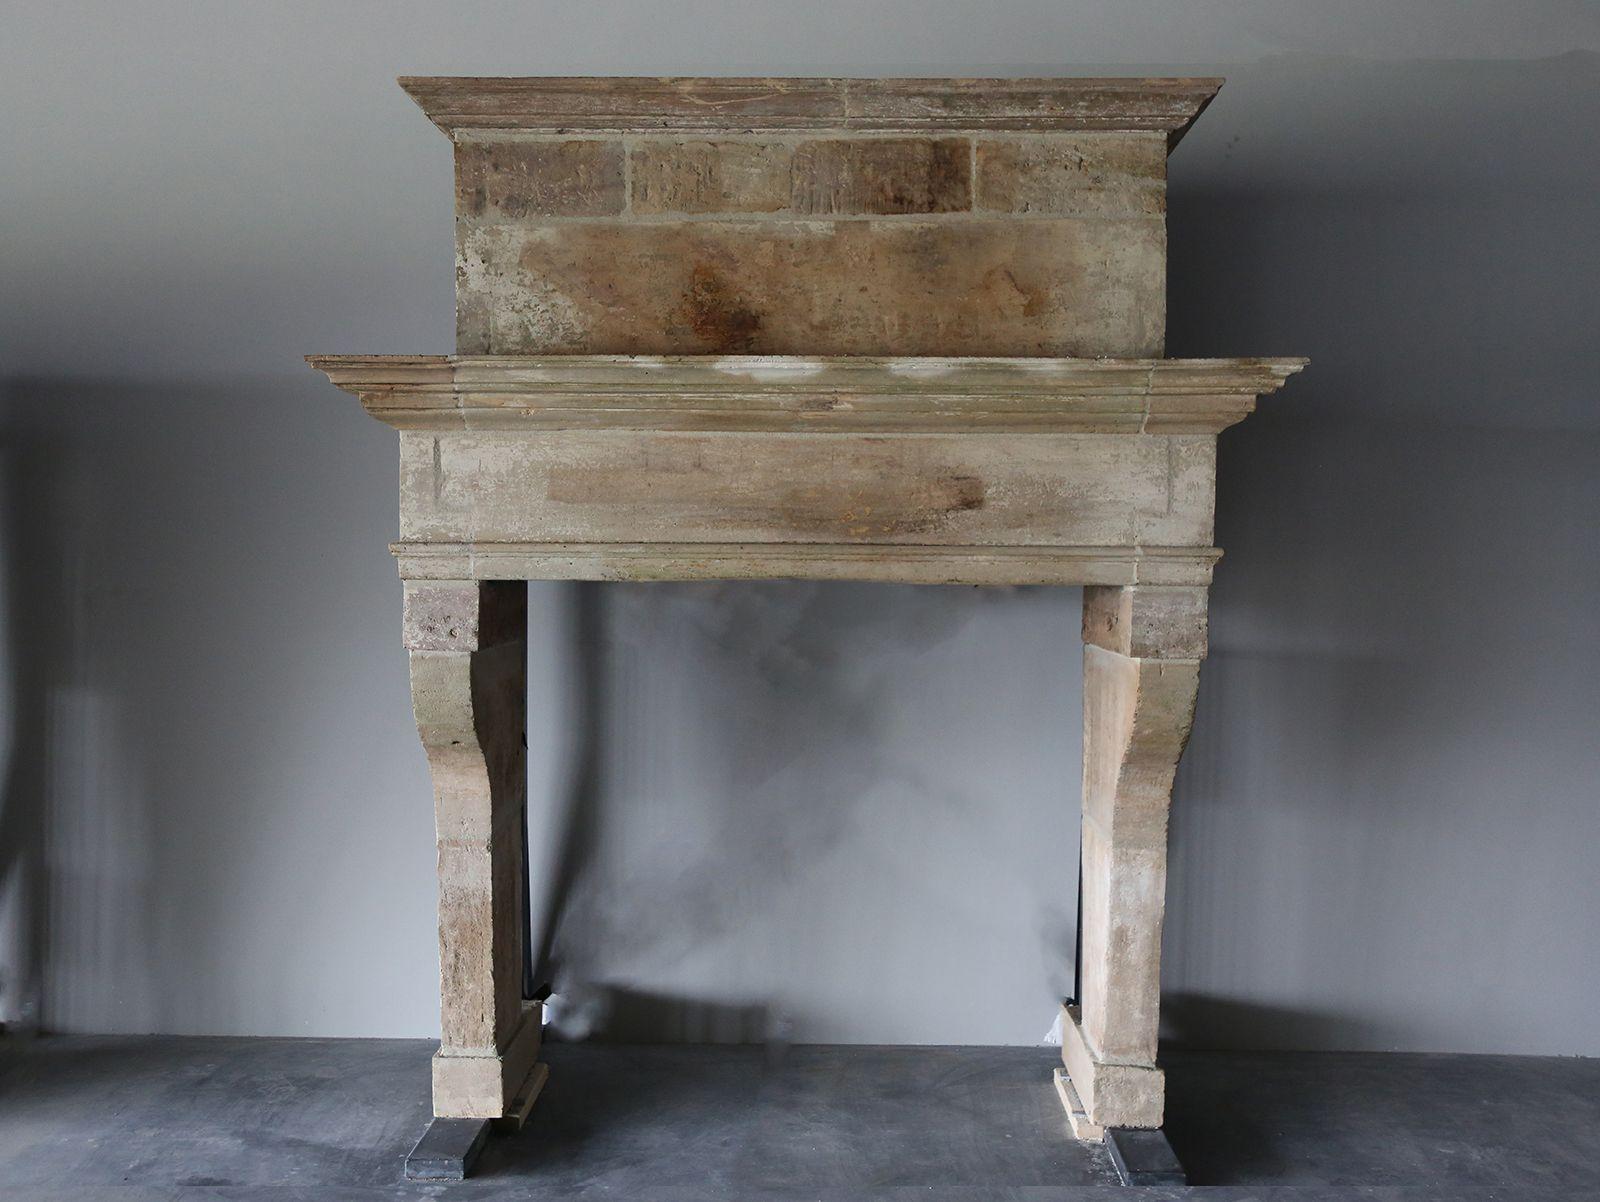 De Opkamer Bietet Eine Exklusive Sammlung Von Antiken Kaminen Verkleidungen  Darunter Französisch Kalkstein Kamin Umgibt, Antiken Italienischen ...